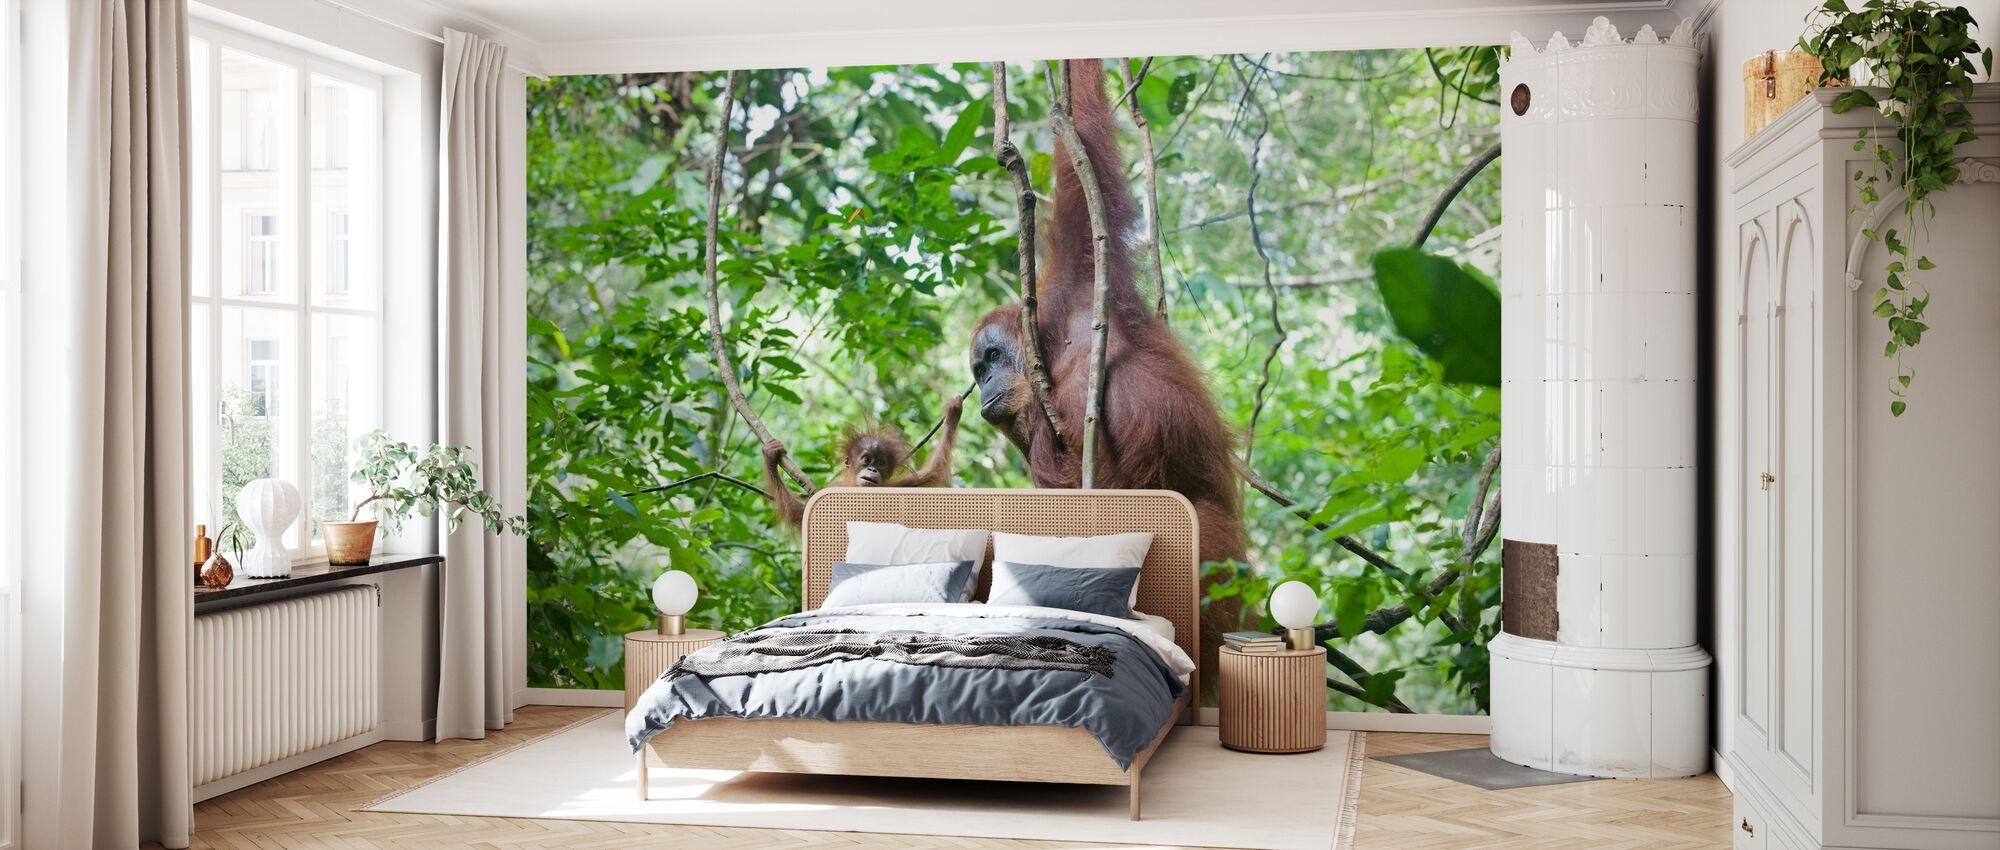 Mor og baby orangutan - Tapet - Soverom